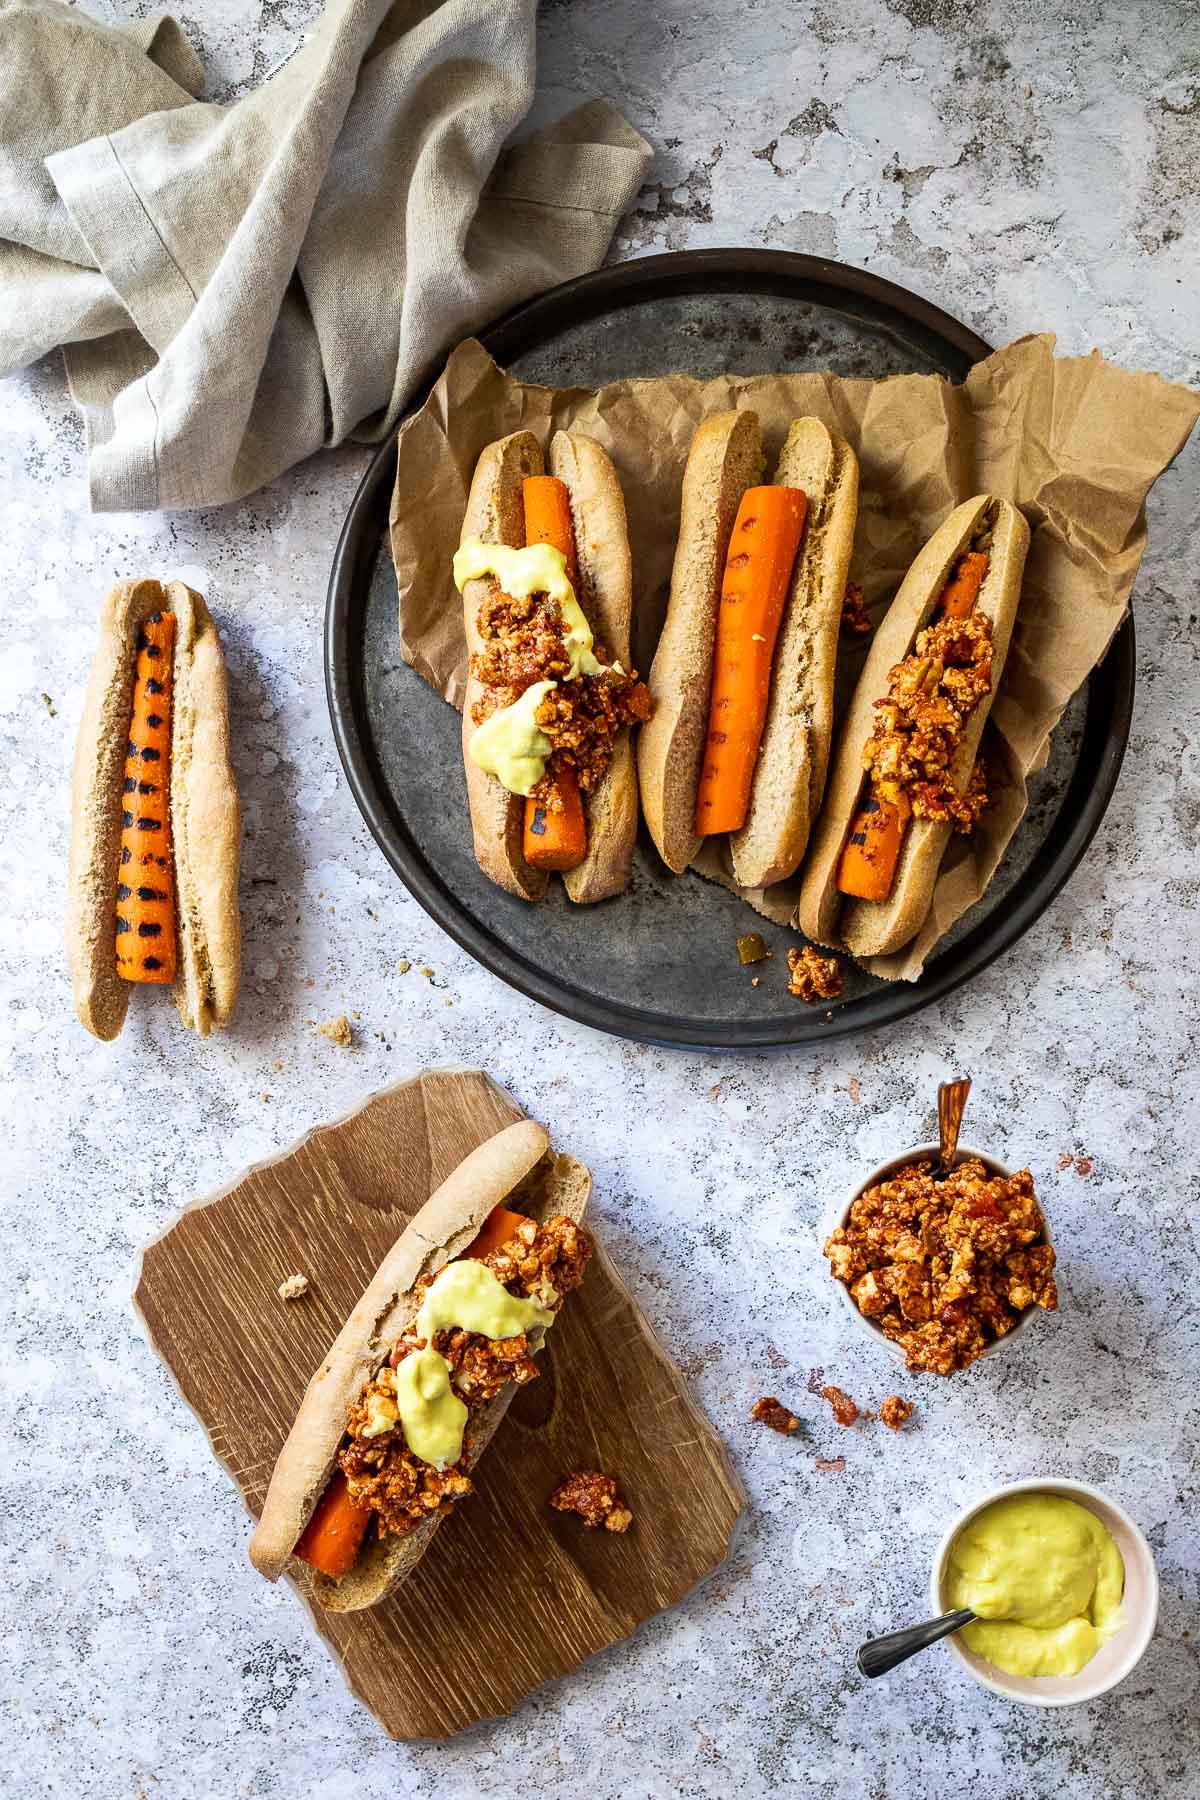 Vogelansicht von veganen Chili-Käse-Hot Dogs